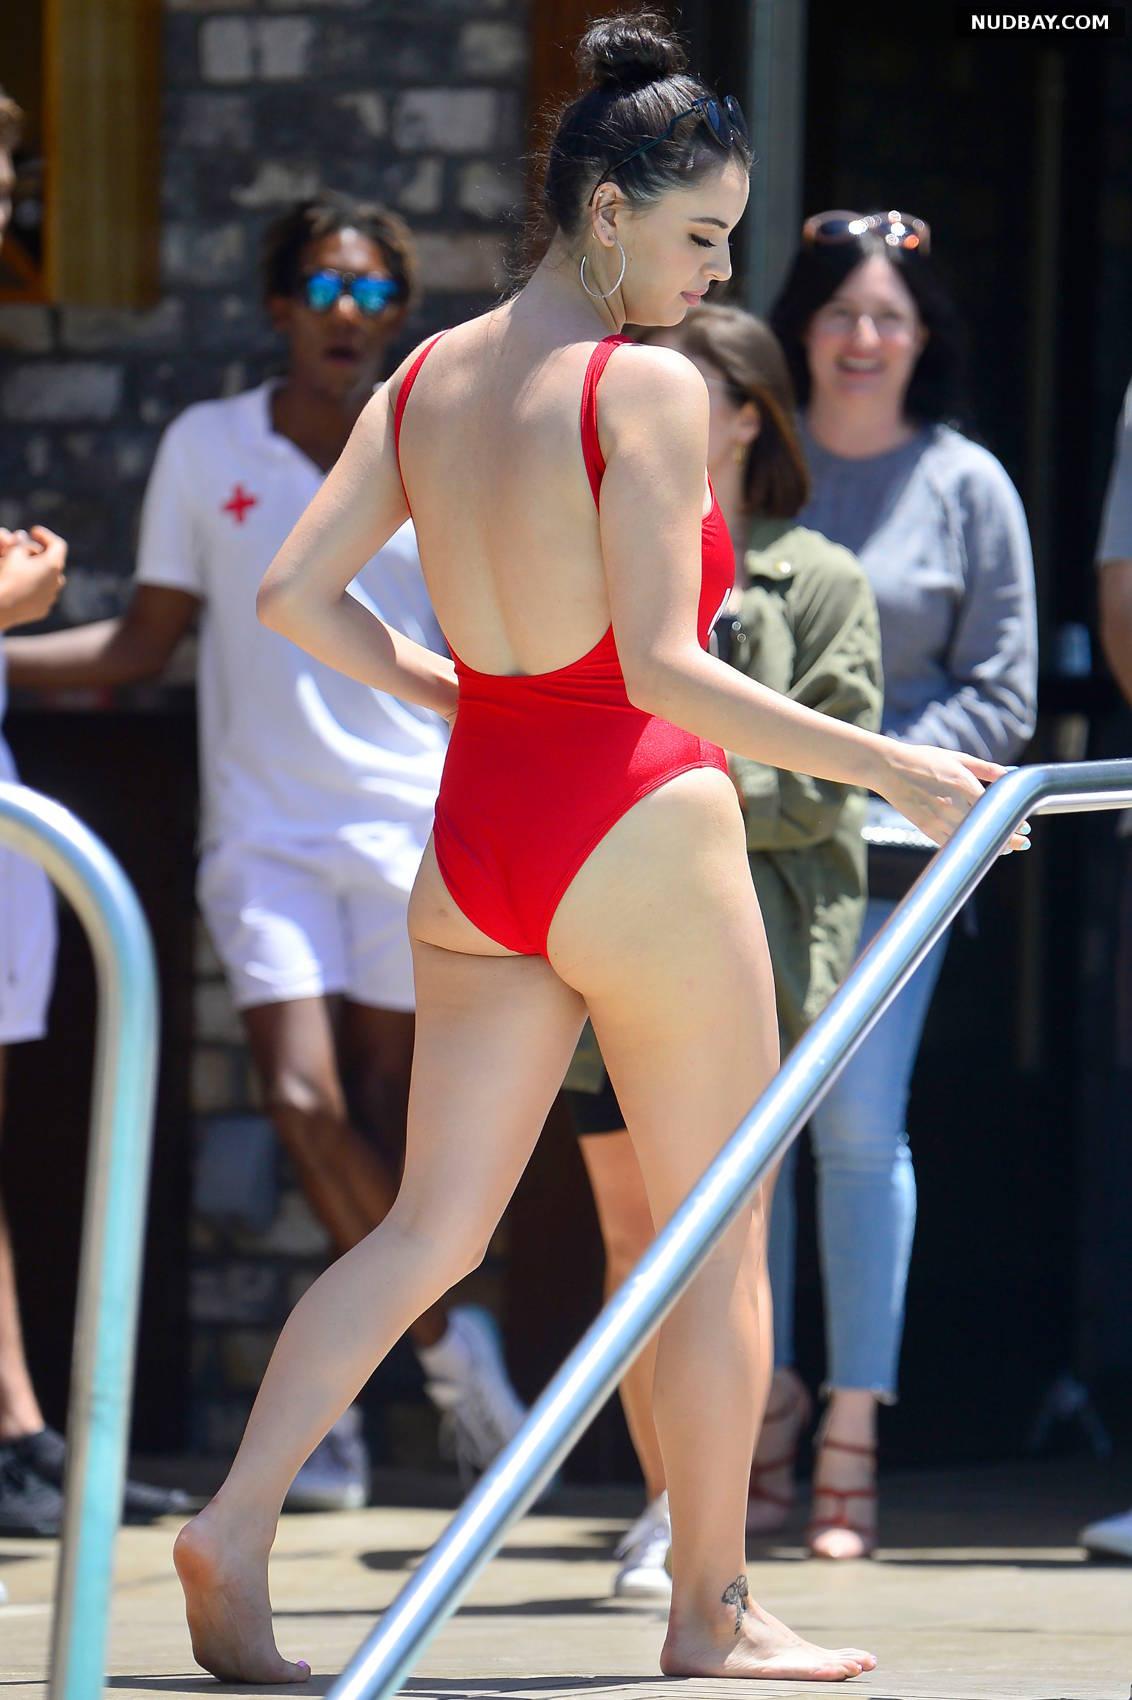 Rebecca Black ass in bikini